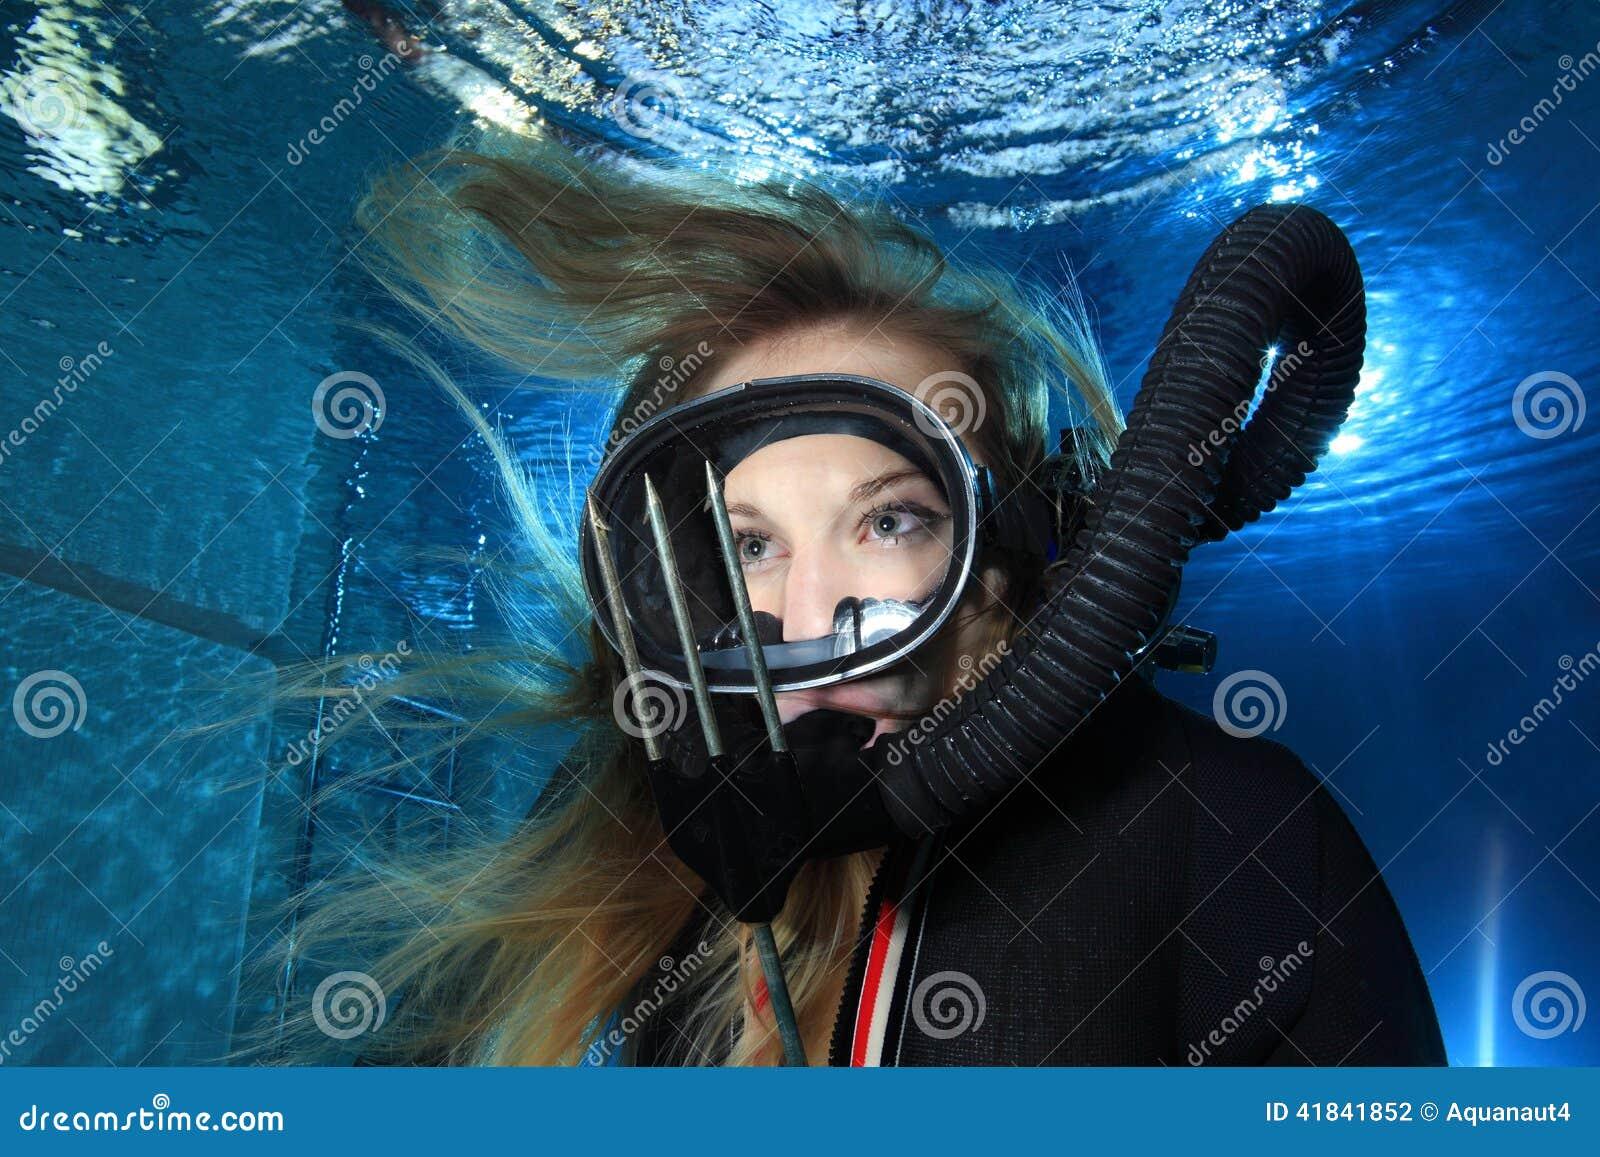 woman Underwater vintage